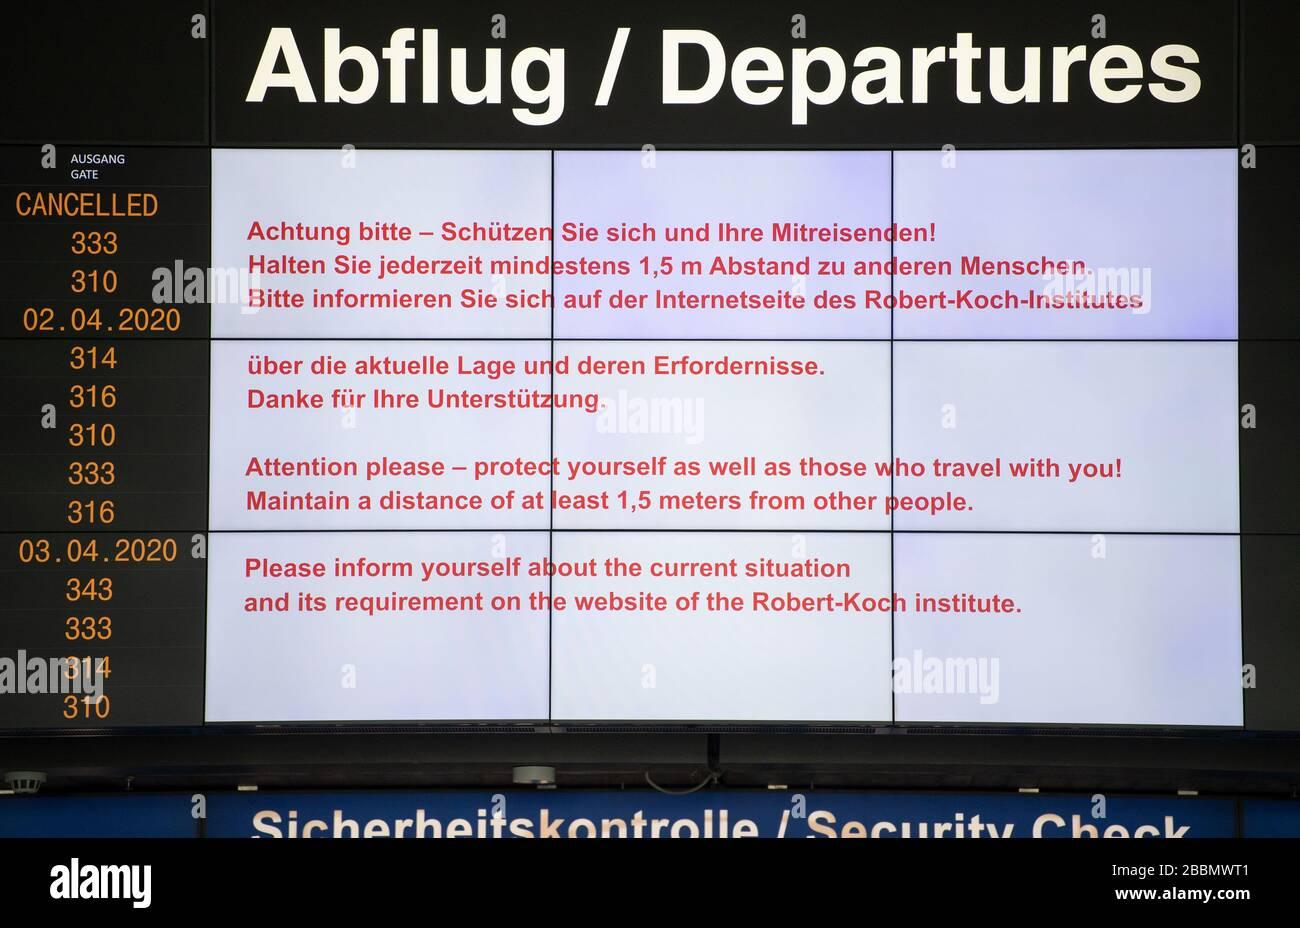 Stuttgart, Allemagne. 01 avril 2020. La carte d'affichage du terminal 1 de l'aéroport affiche des signes d'avertissement du coronavirus. En raison des restrictions imposées en raison de la pandémie de corona, il n'y a actuellement pratiquement aucun trafic public à l'aéroport. L'aéroport de Stuttgart présente ses chiffres pour 2019 lors d'une conférence de presse en ligne. Crédit: Marijan Murat/dpa/Alay Live News Banque D'Images